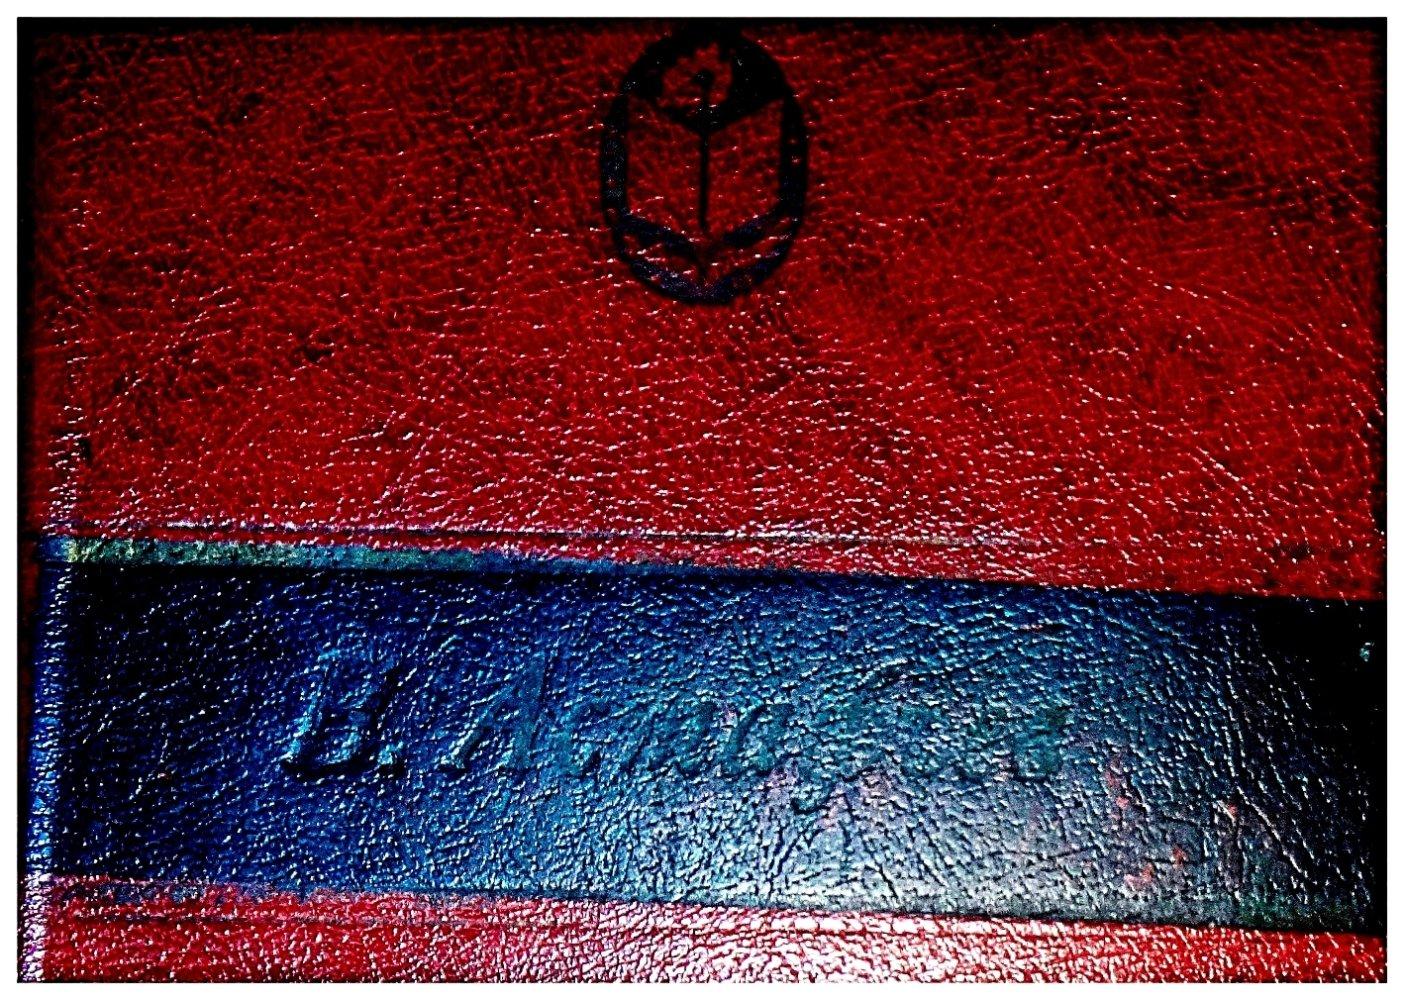 Виктор Астафьев, из книги Царь-рыба, иллюстрации, фото 014